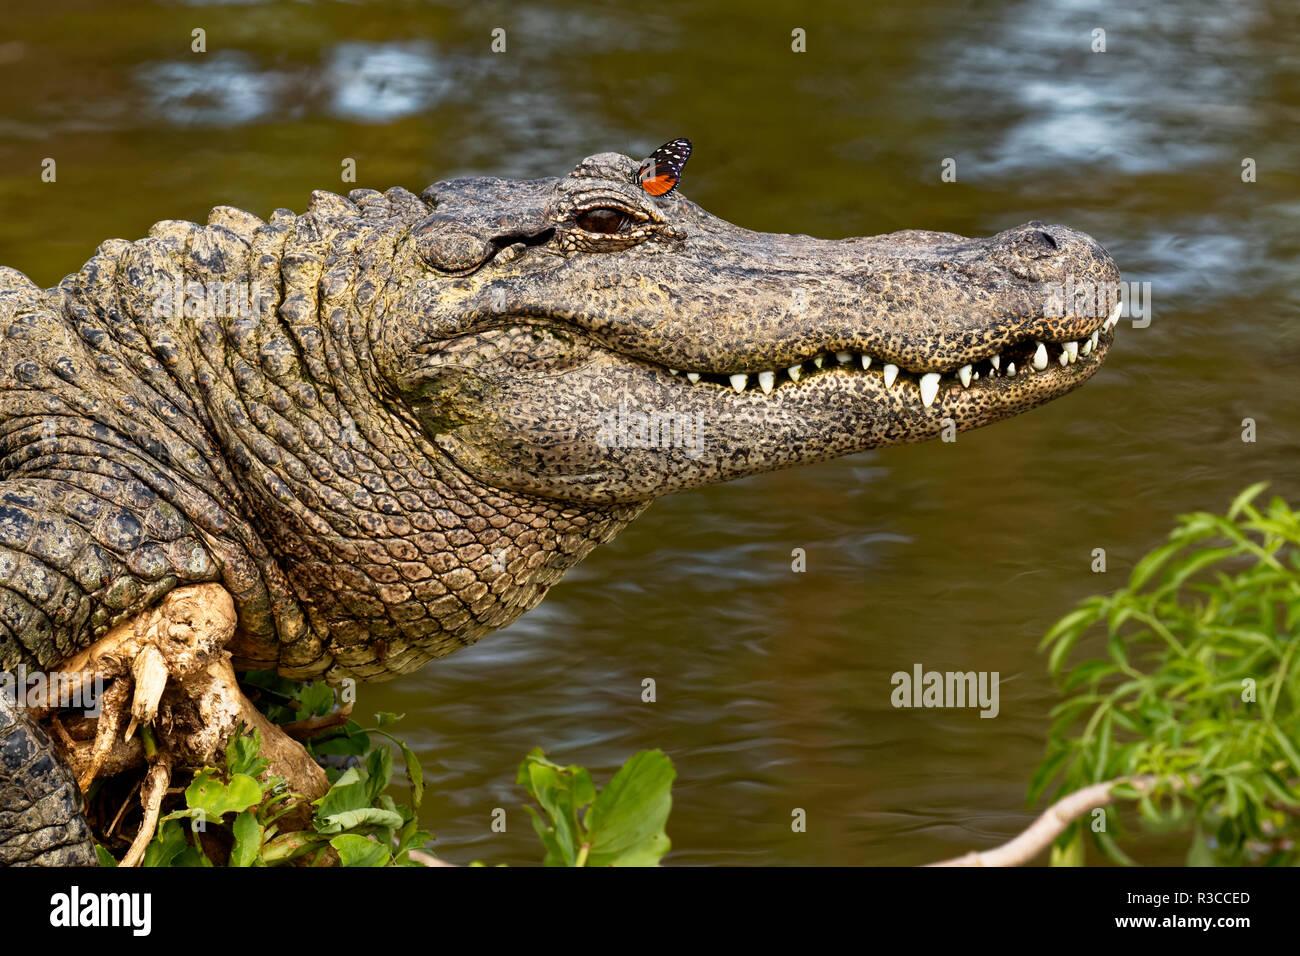 American alligator Sonnen mit Schmetterling auf Kopf, Alligator mississippiensis, Gatorland, Orlando, Florida. Stockbild